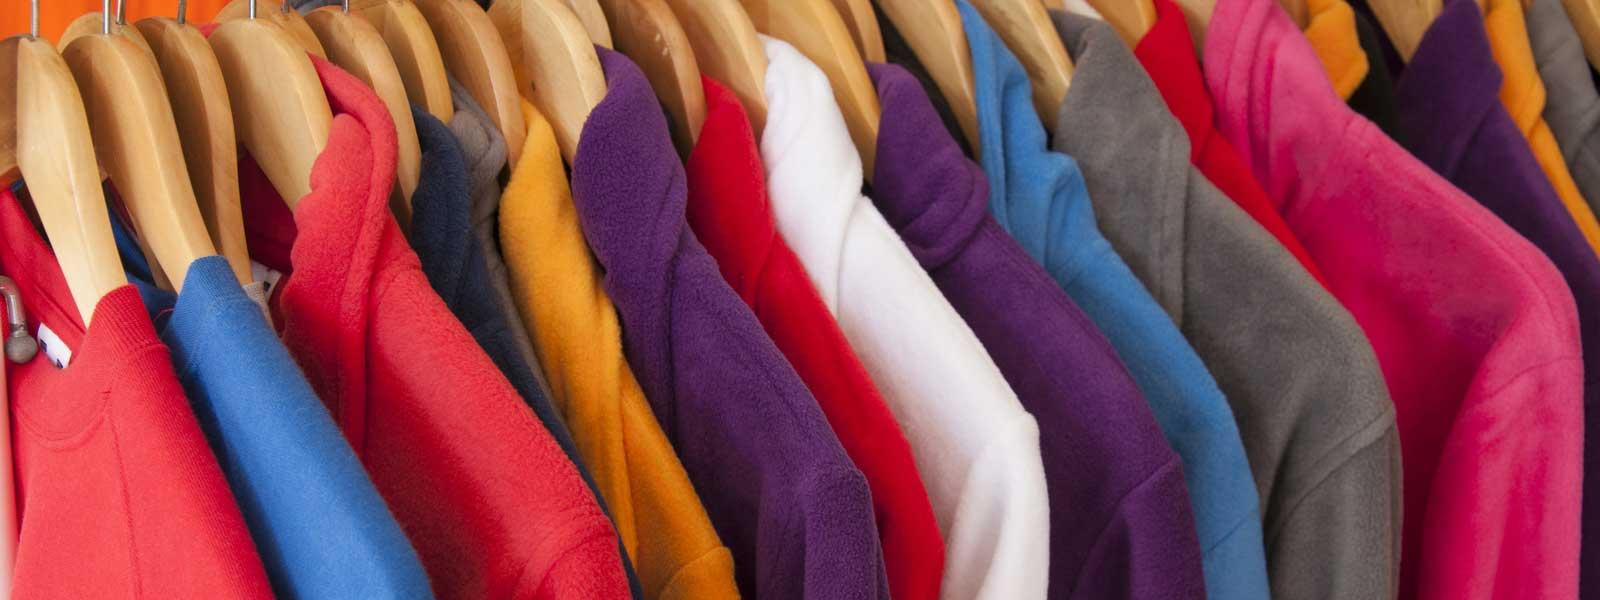 rua papel gestión integral de residuos destrucción certificada de otros productos ropa con percha slider escritorio